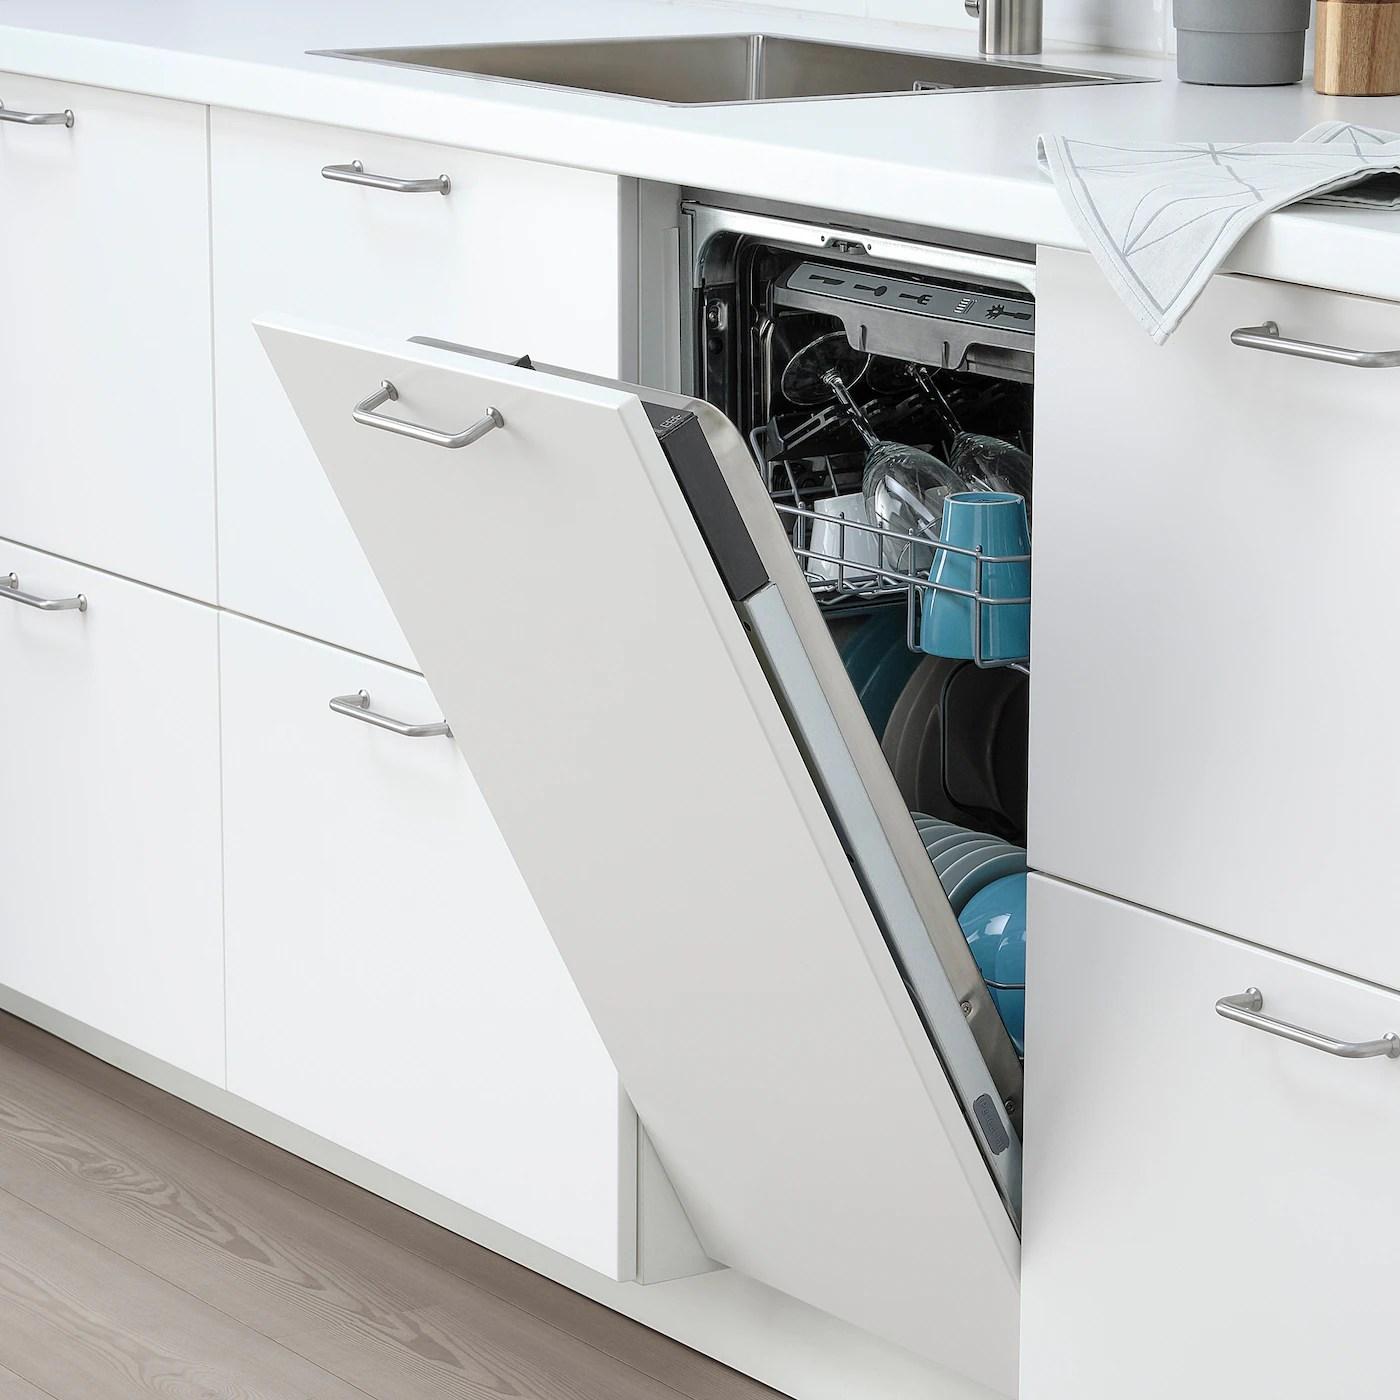 medelstor lave vaisselle encastrable ikea 500 45 cm